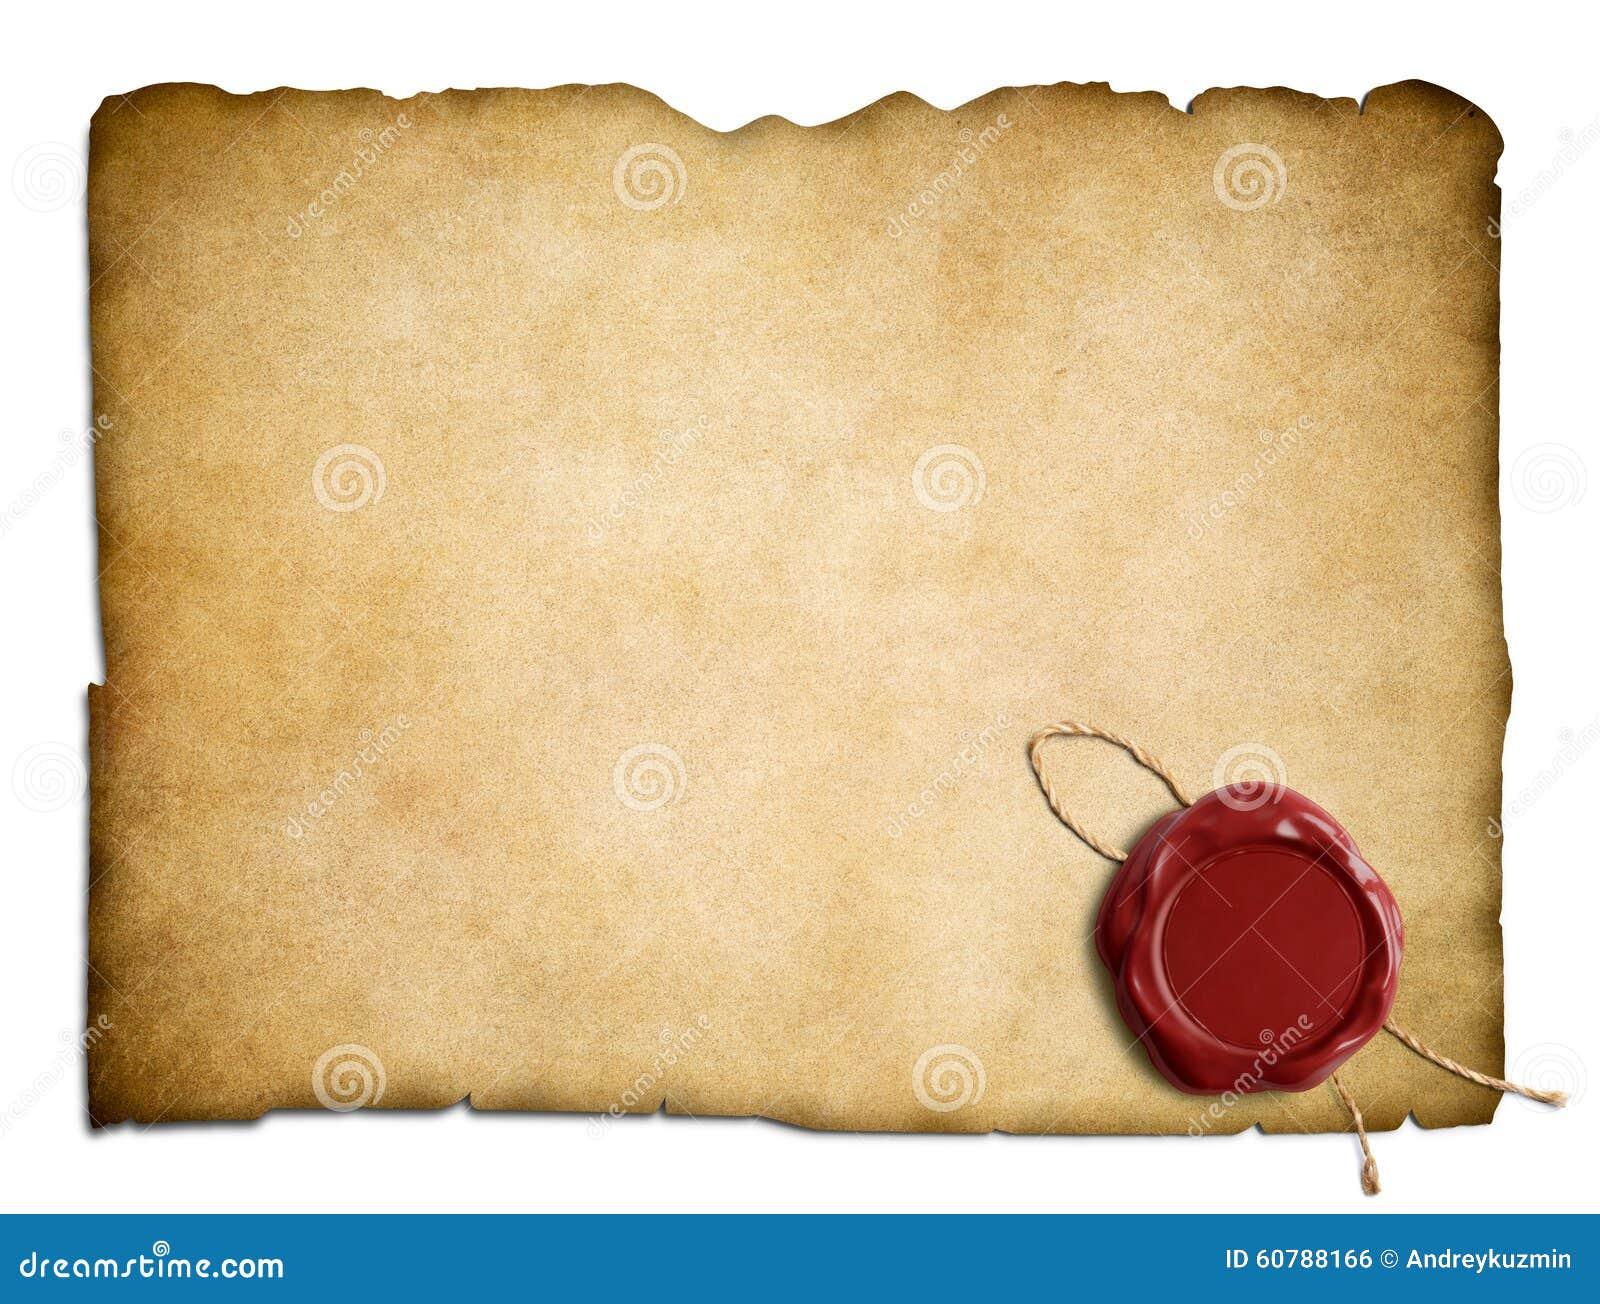 Wax paper parchment paper